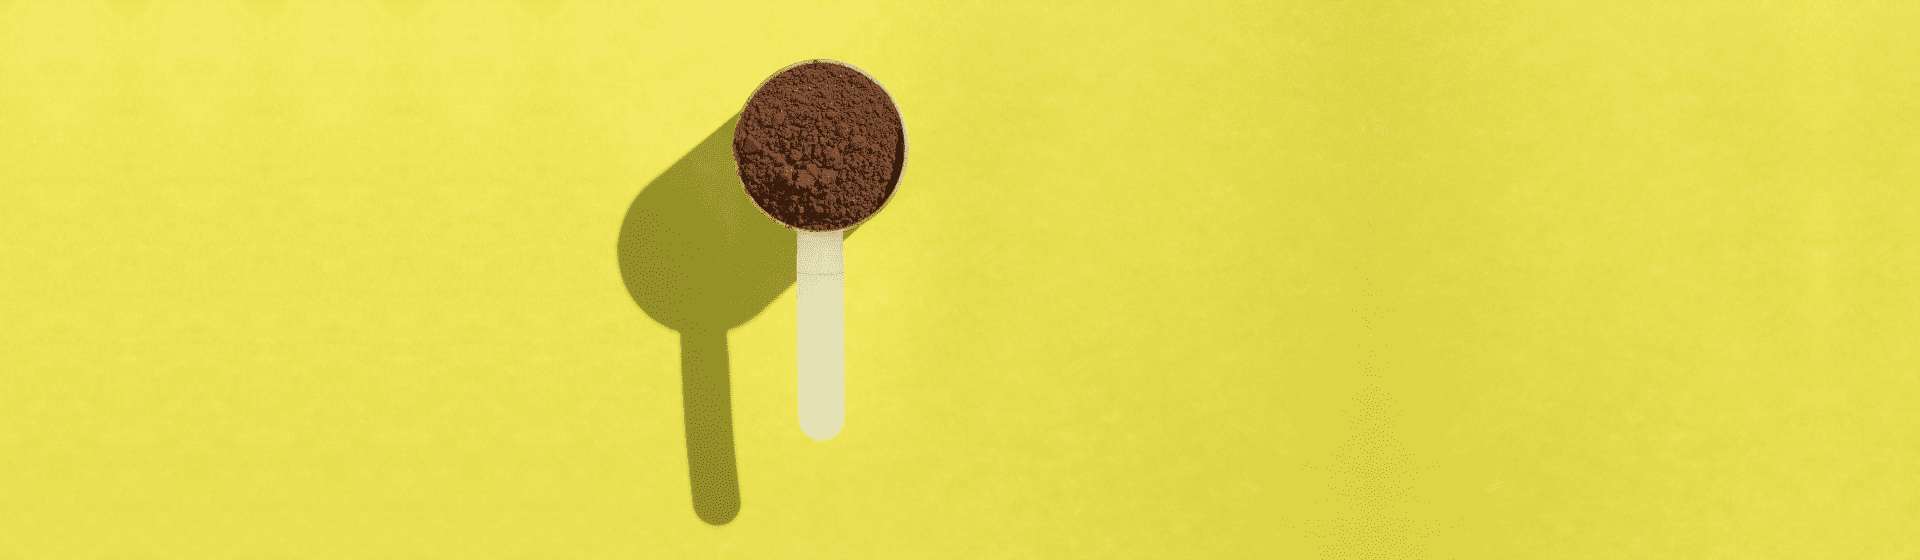 Melhor Whey Protein isolado de 2021: 7 opções para comprar